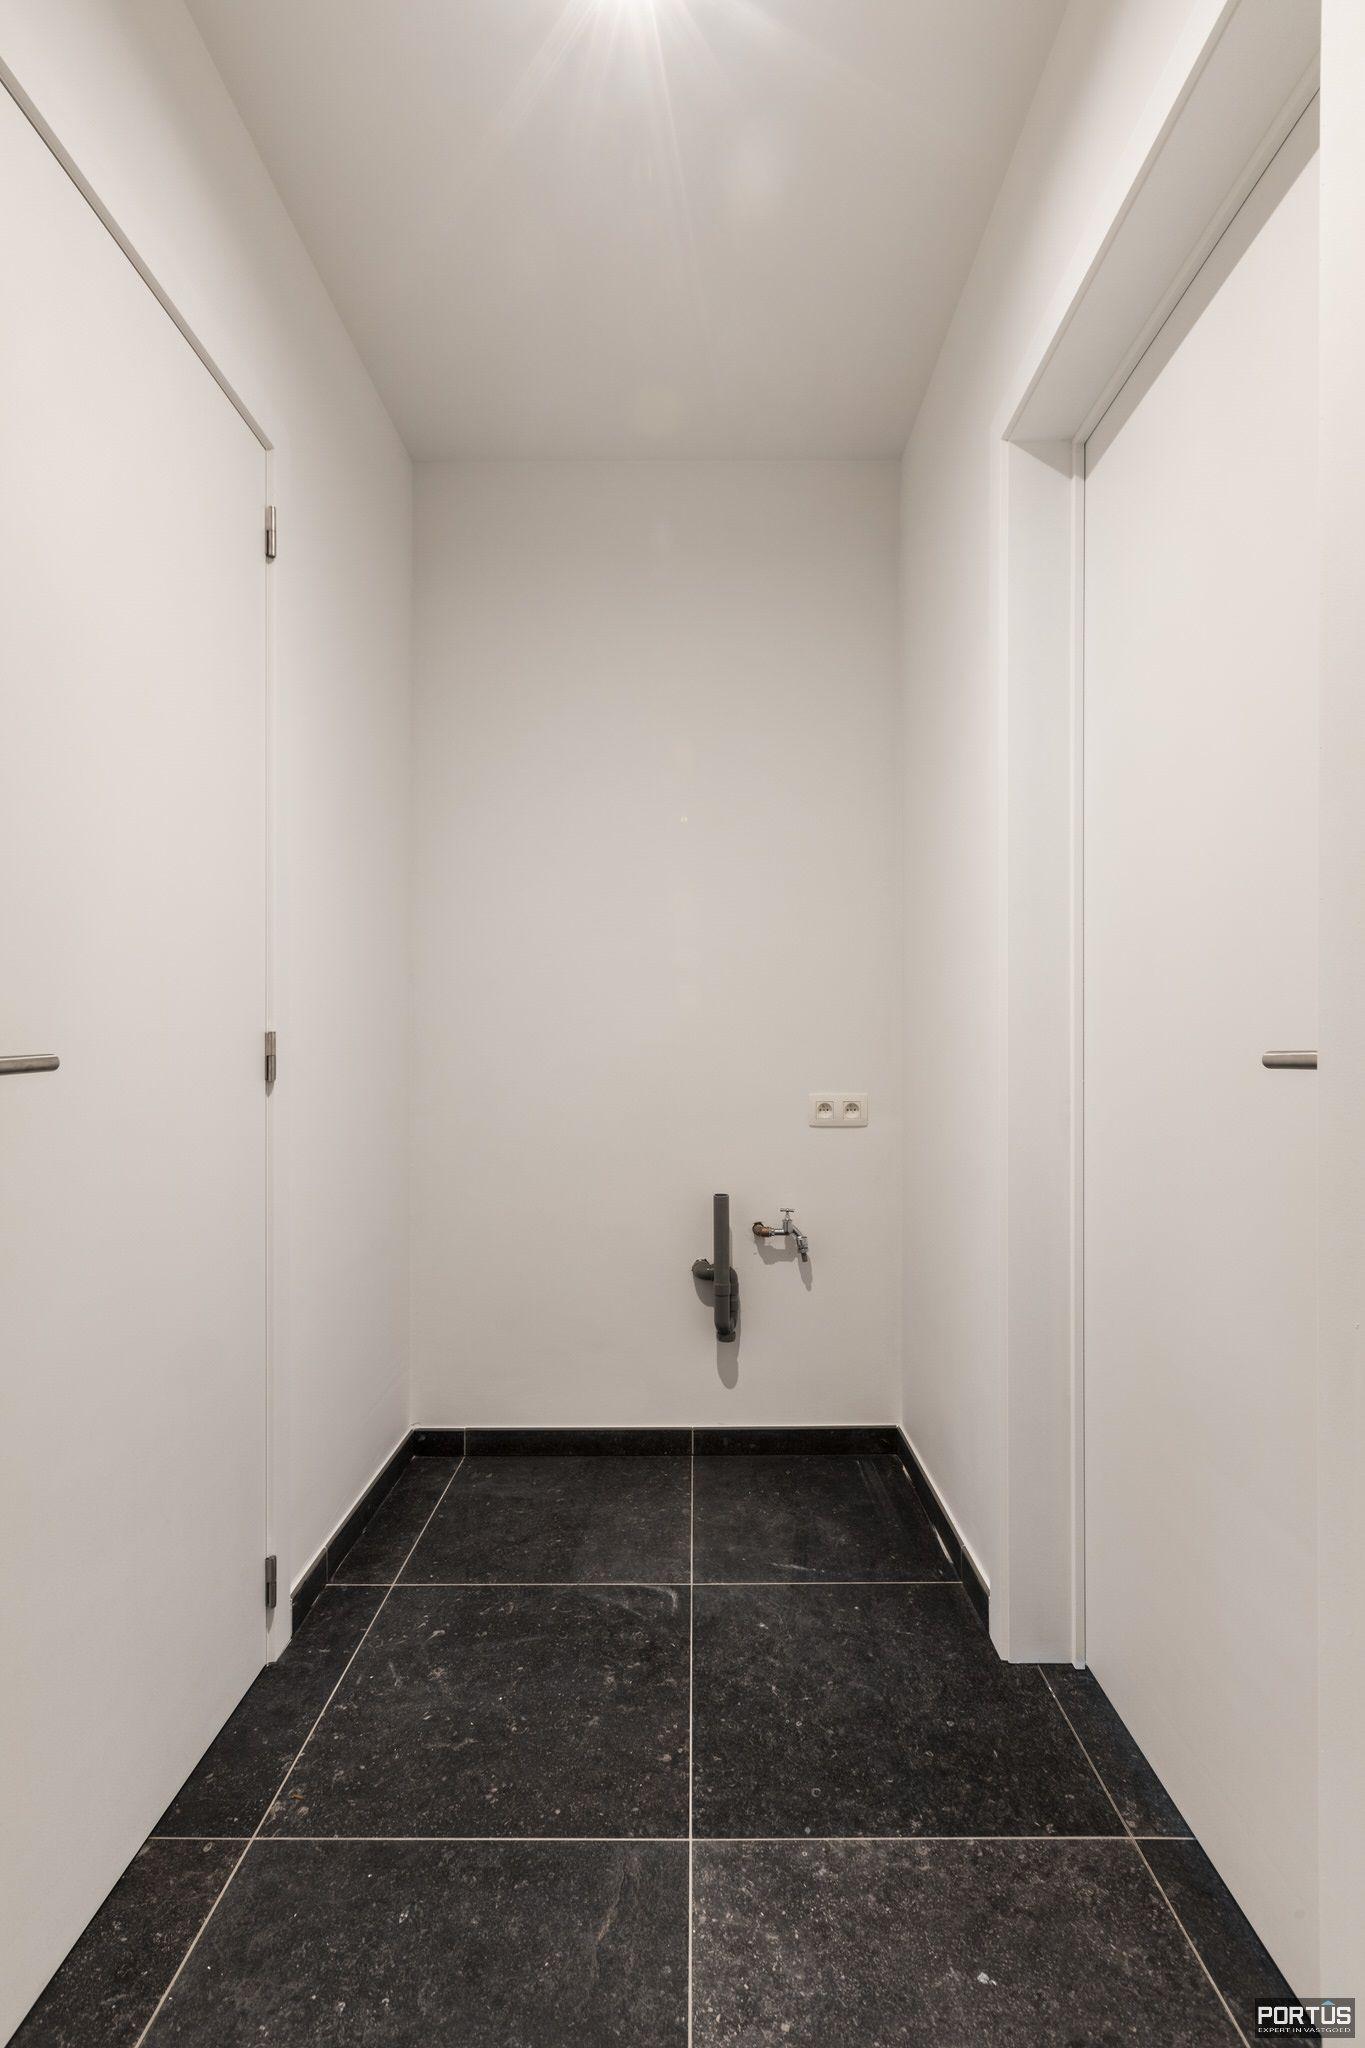 Nieuwbouwwoning met 4 slaapkamers te koop te Lombardsijde - 12146